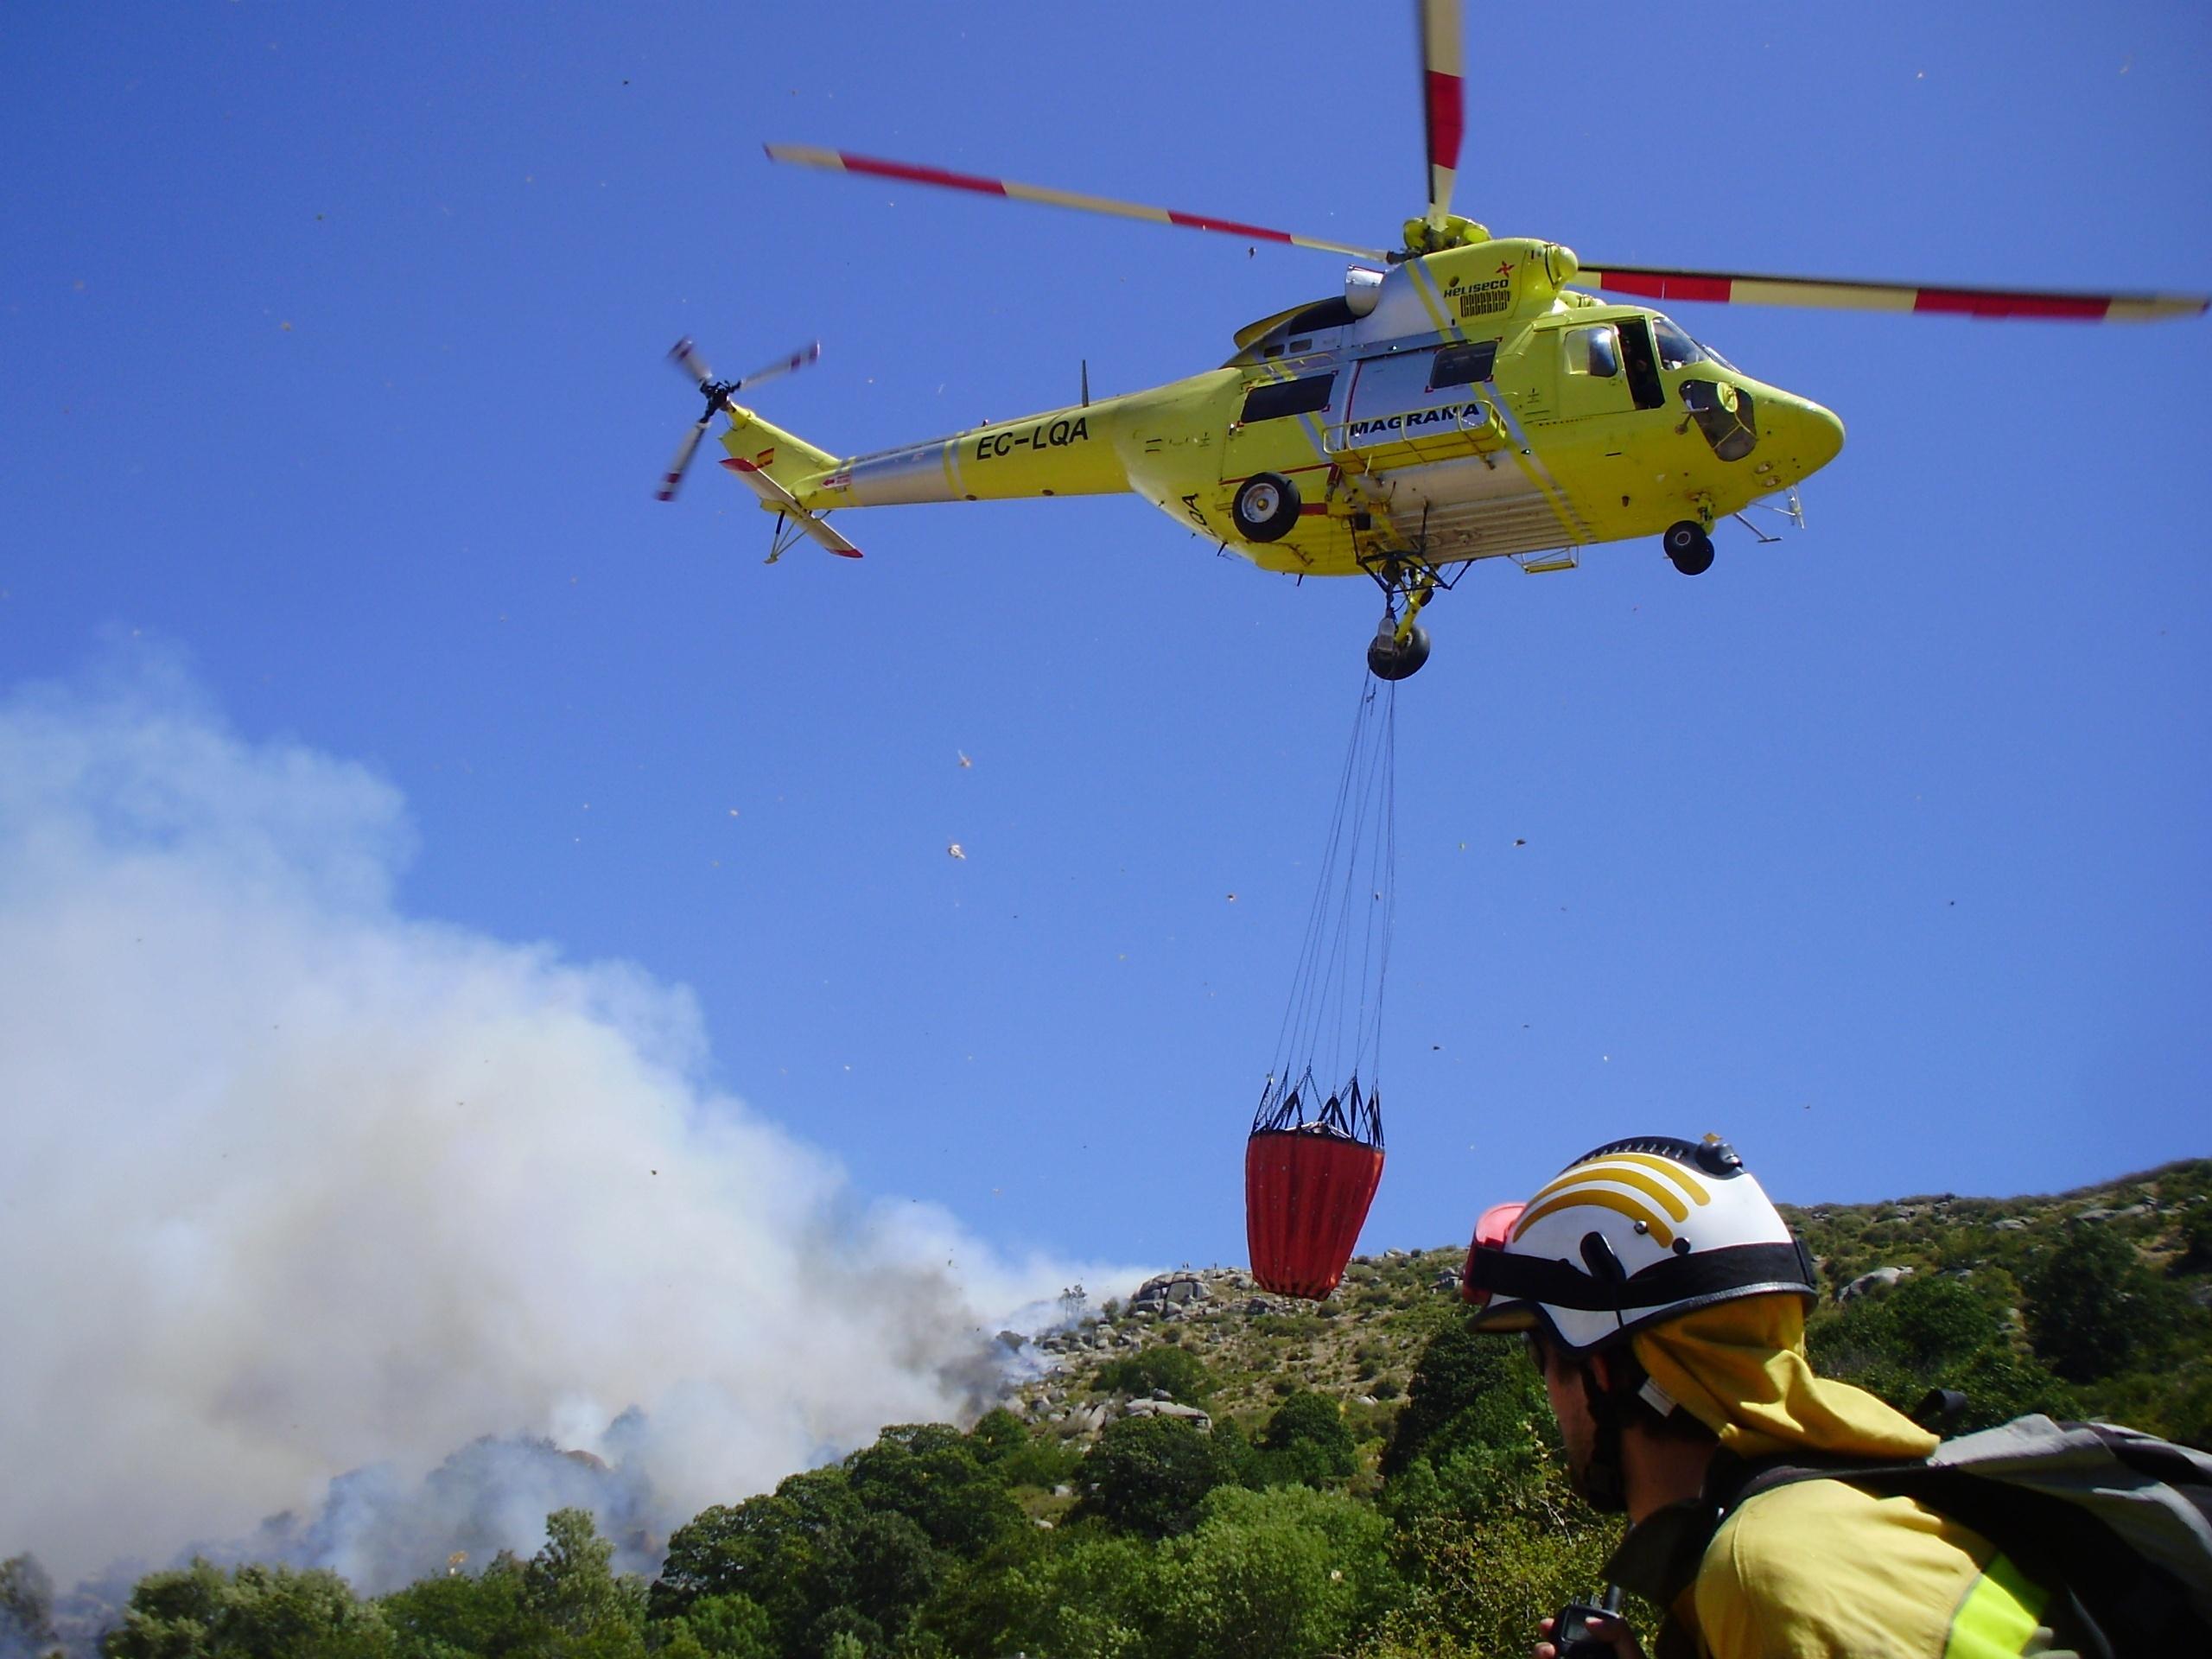 El 40% de las horas de vuelo efectuadas por medios aéreos en la campaña de incendios se corresponde con Galicia